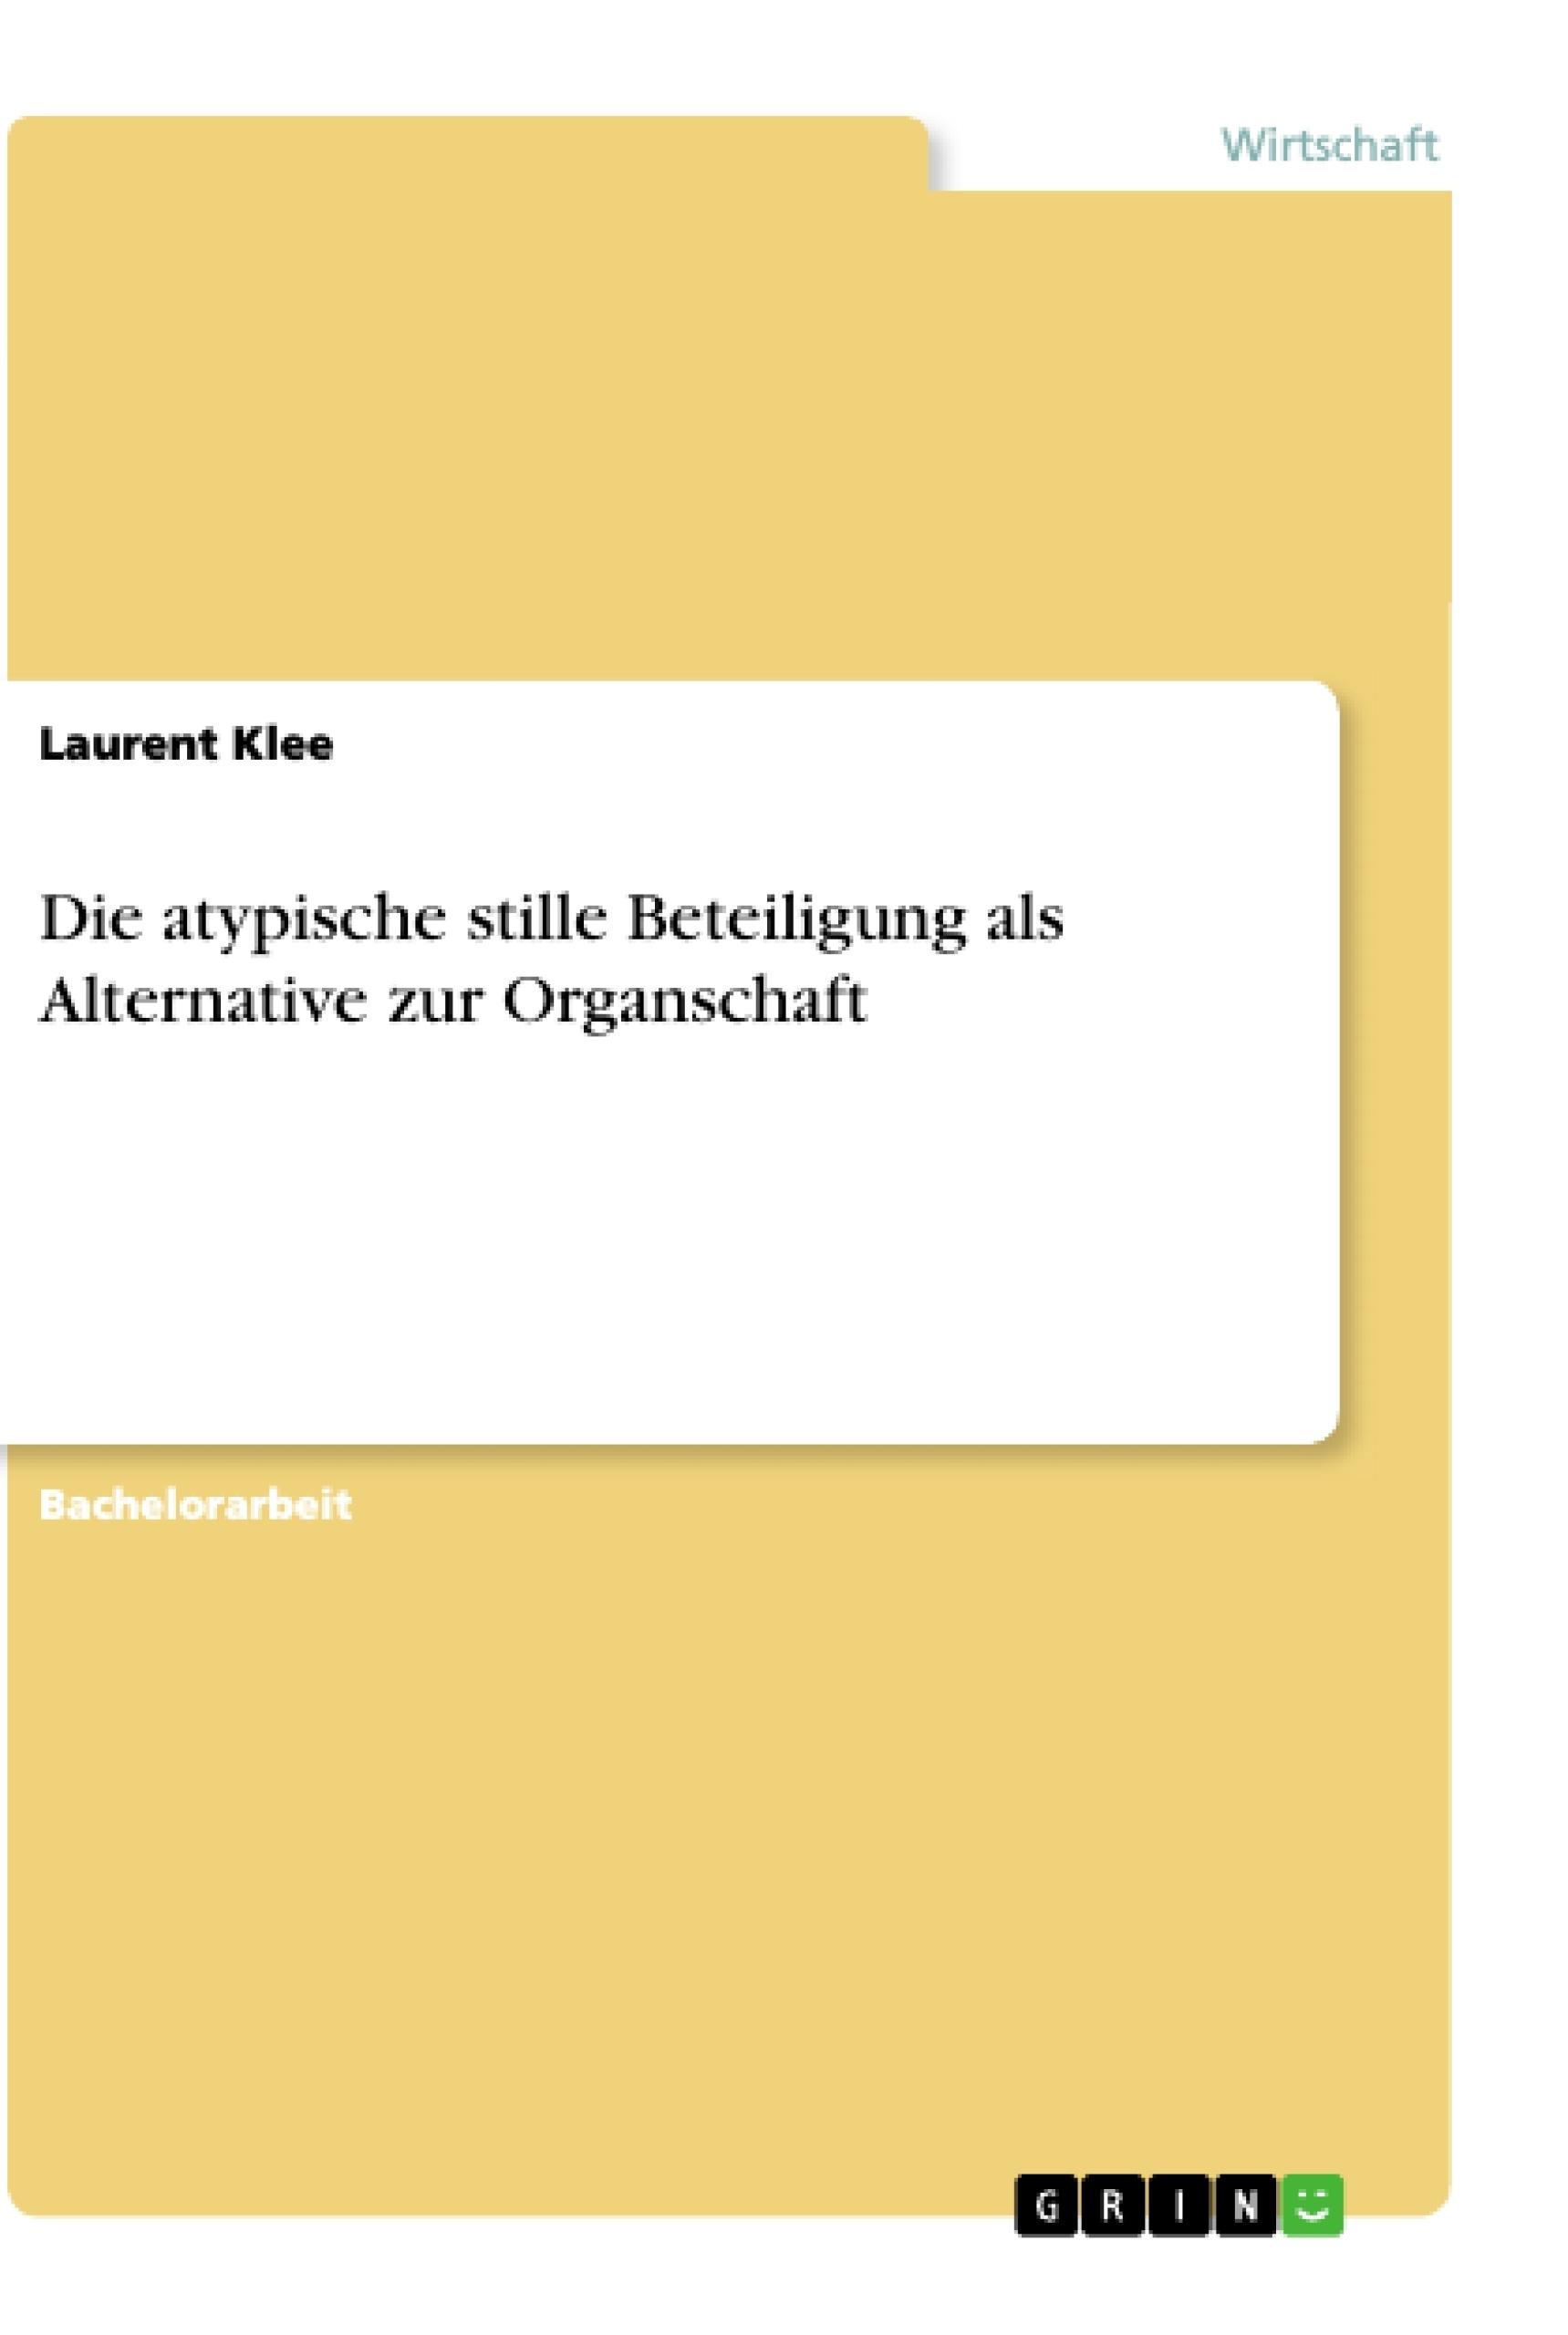 Titel: Die atypische stille Beteiligung als Alternative zur Organschaft